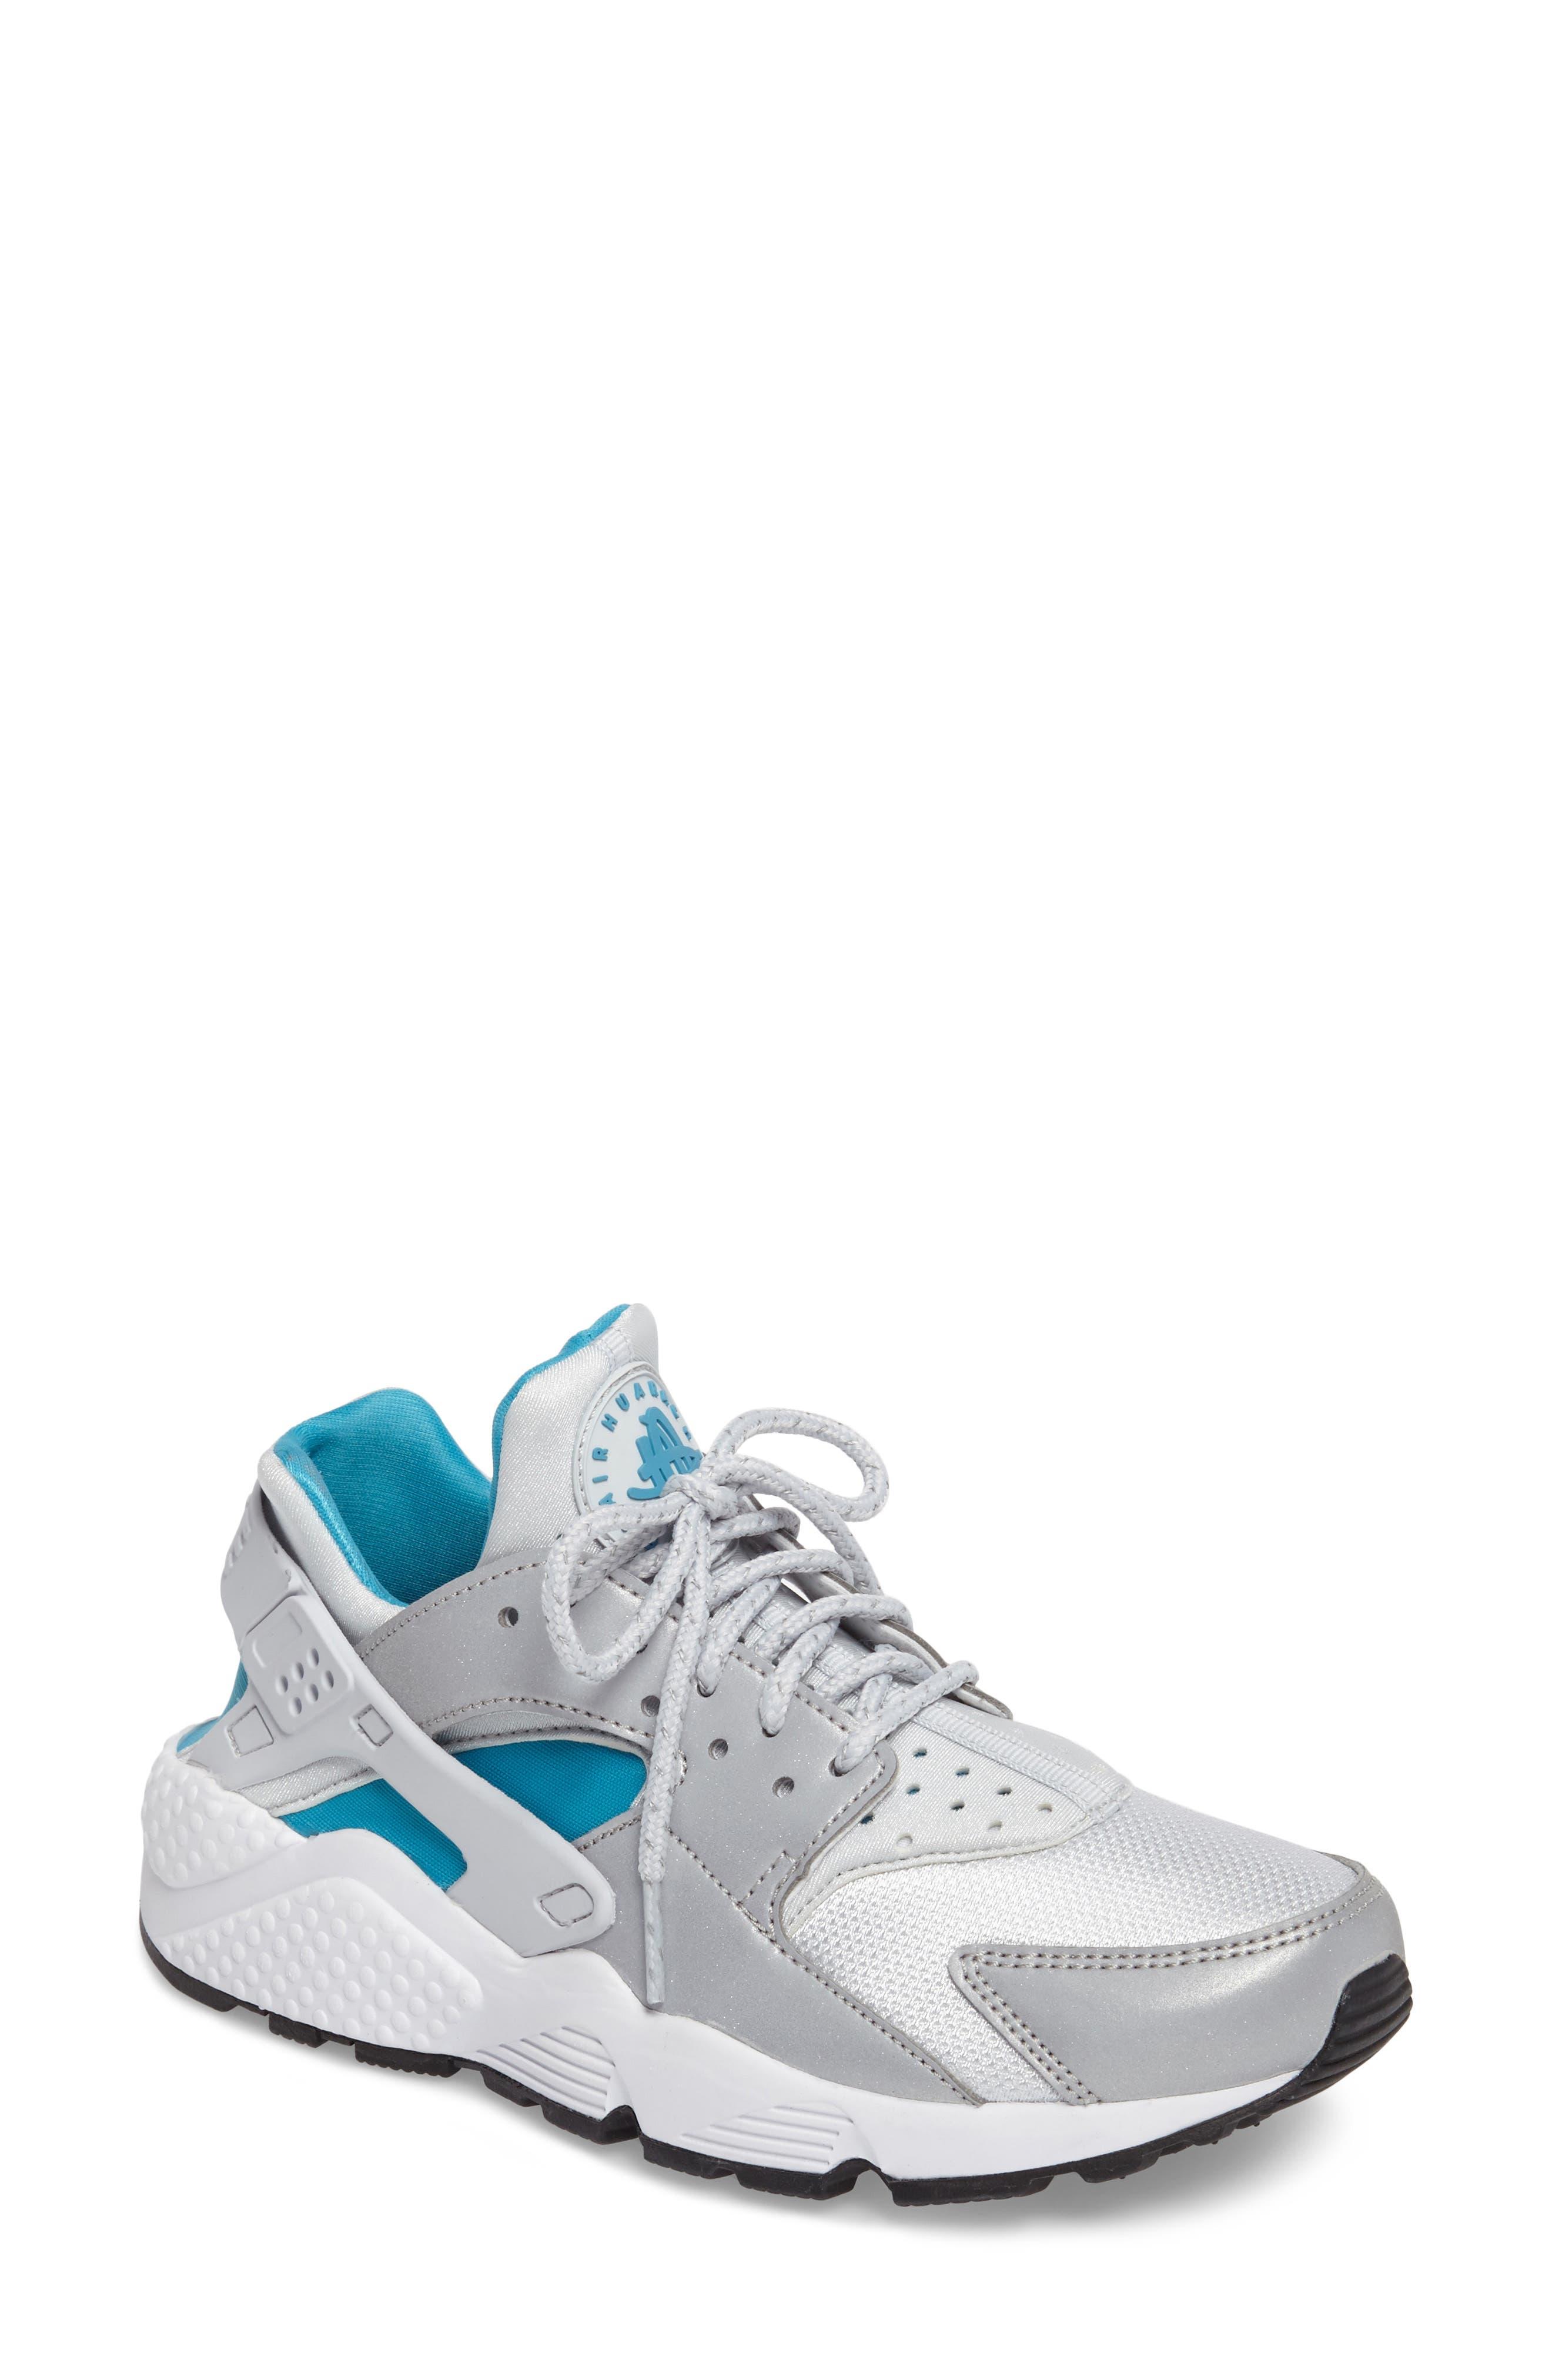 Air Huarache Run QS Sneaker,                         Main,                         color,